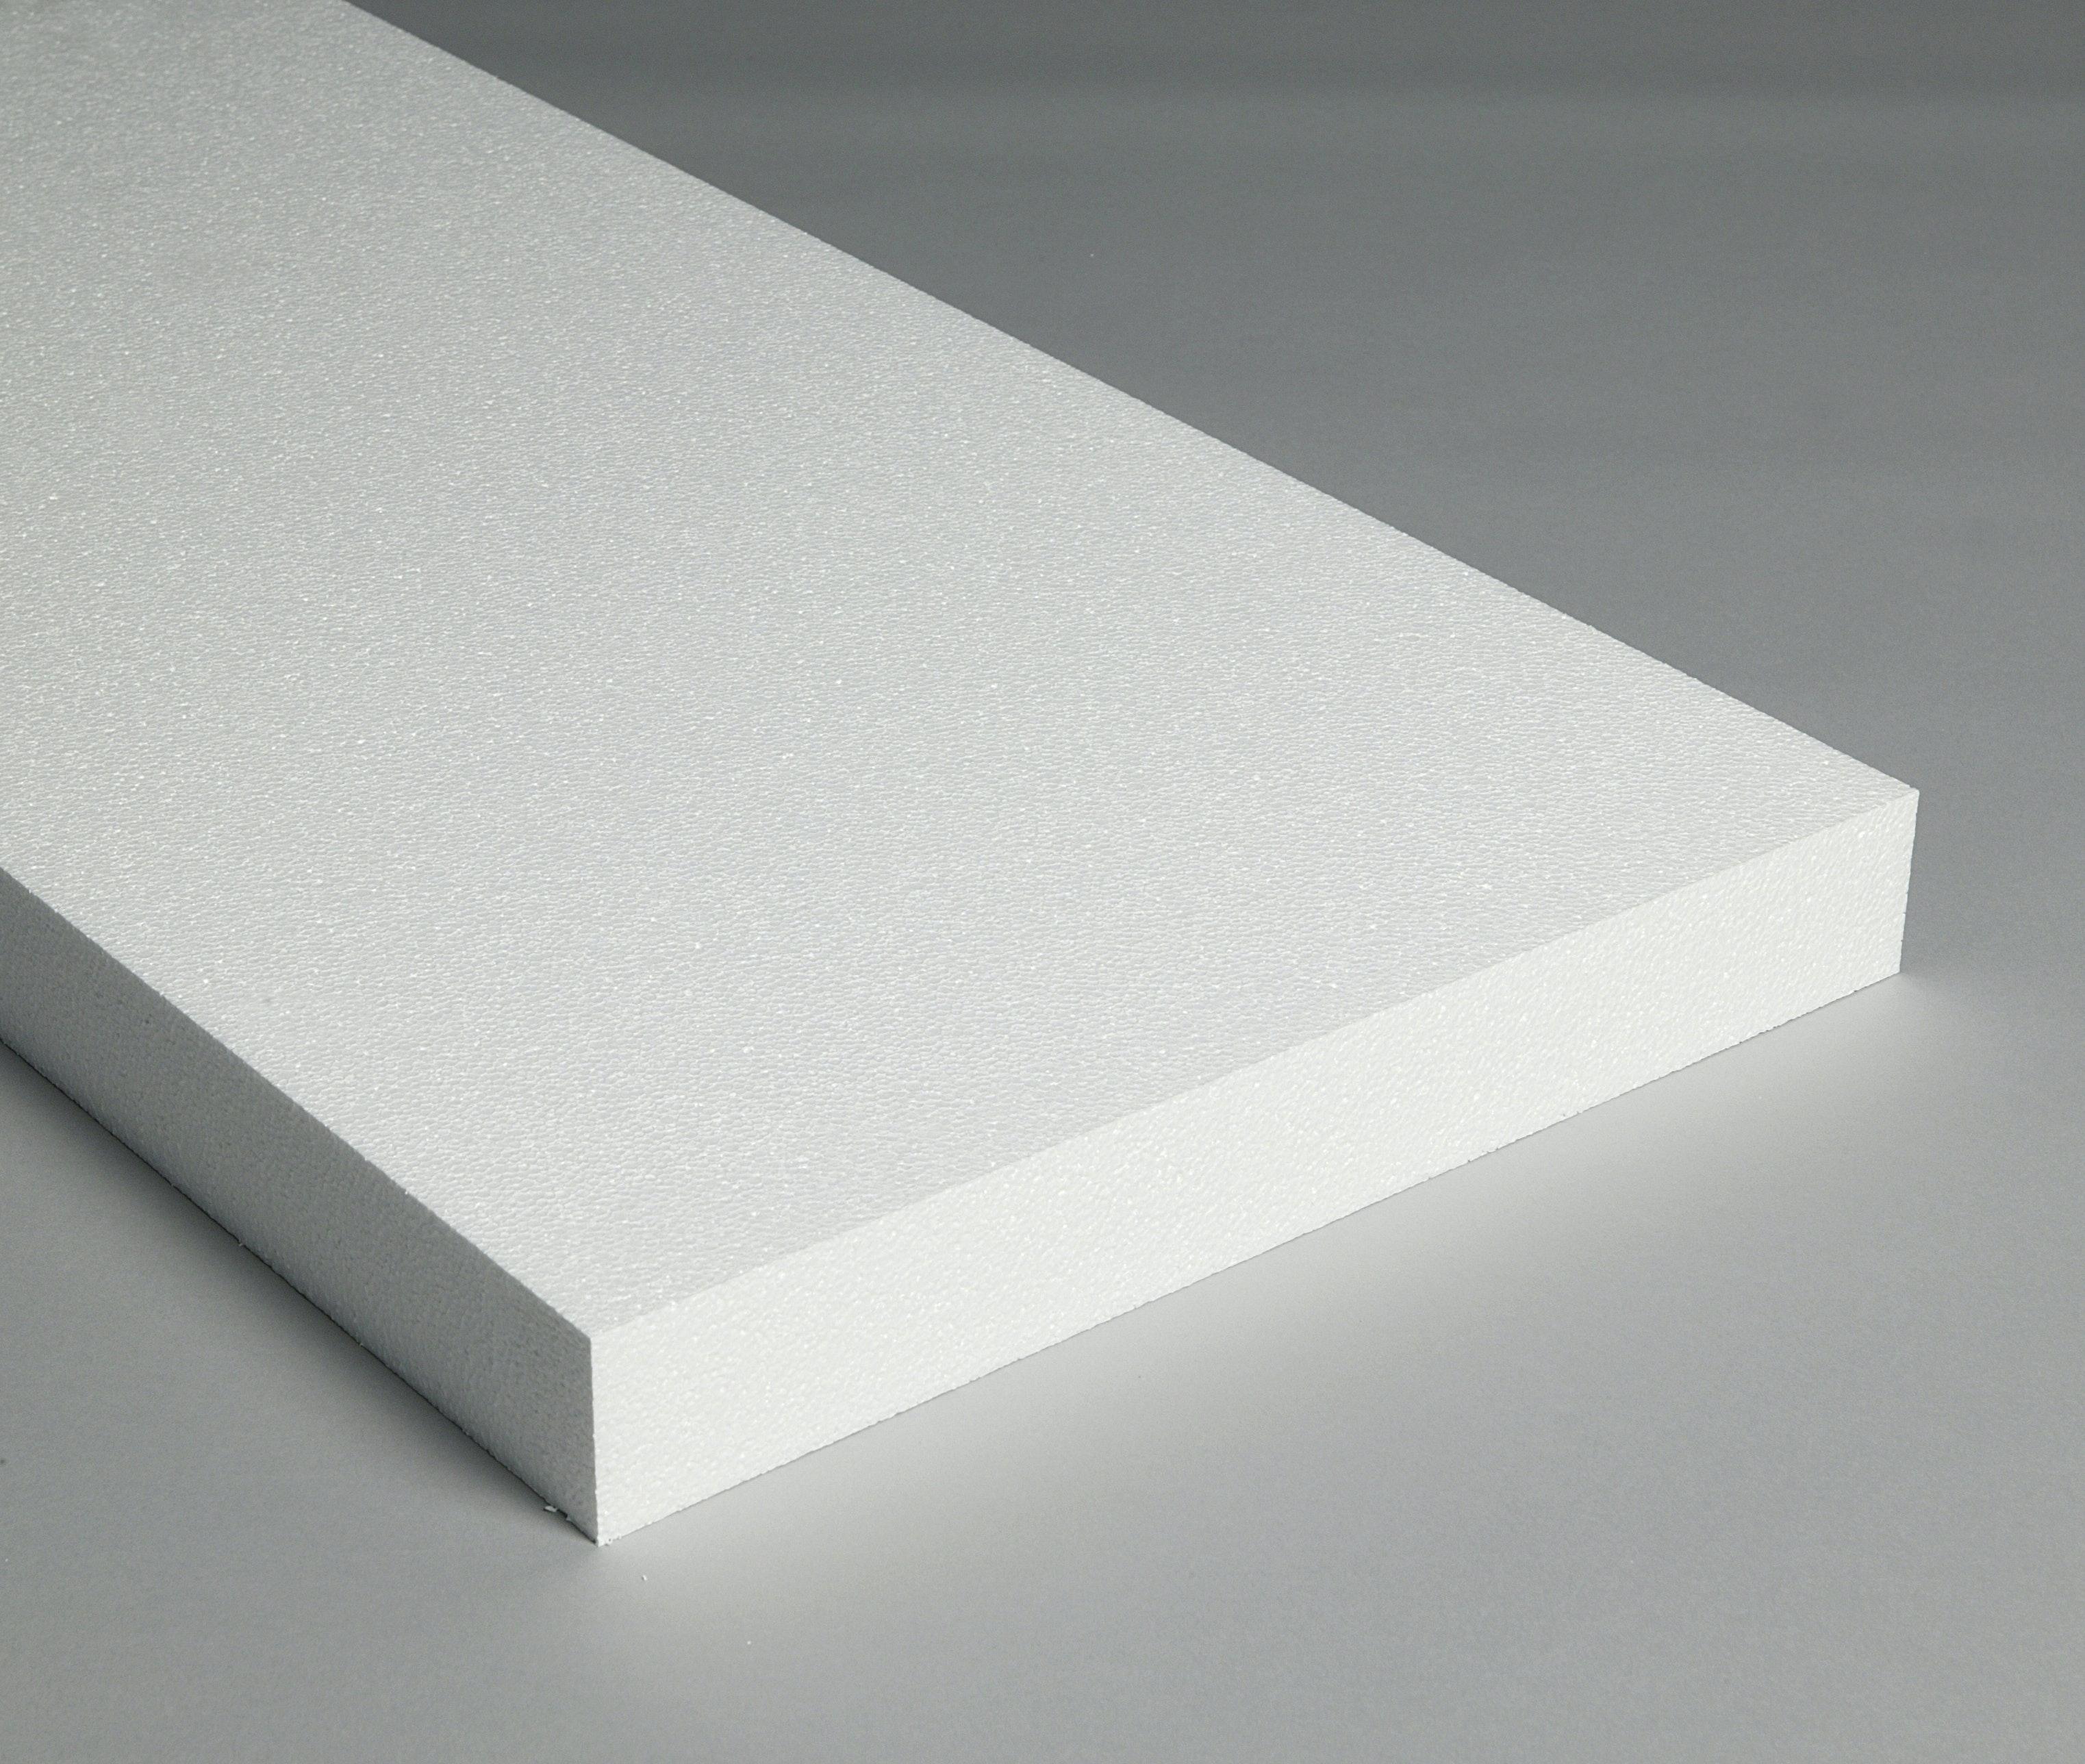 Cellplast Jackon Jackopor S80 1200X600X50mm Rak Kant